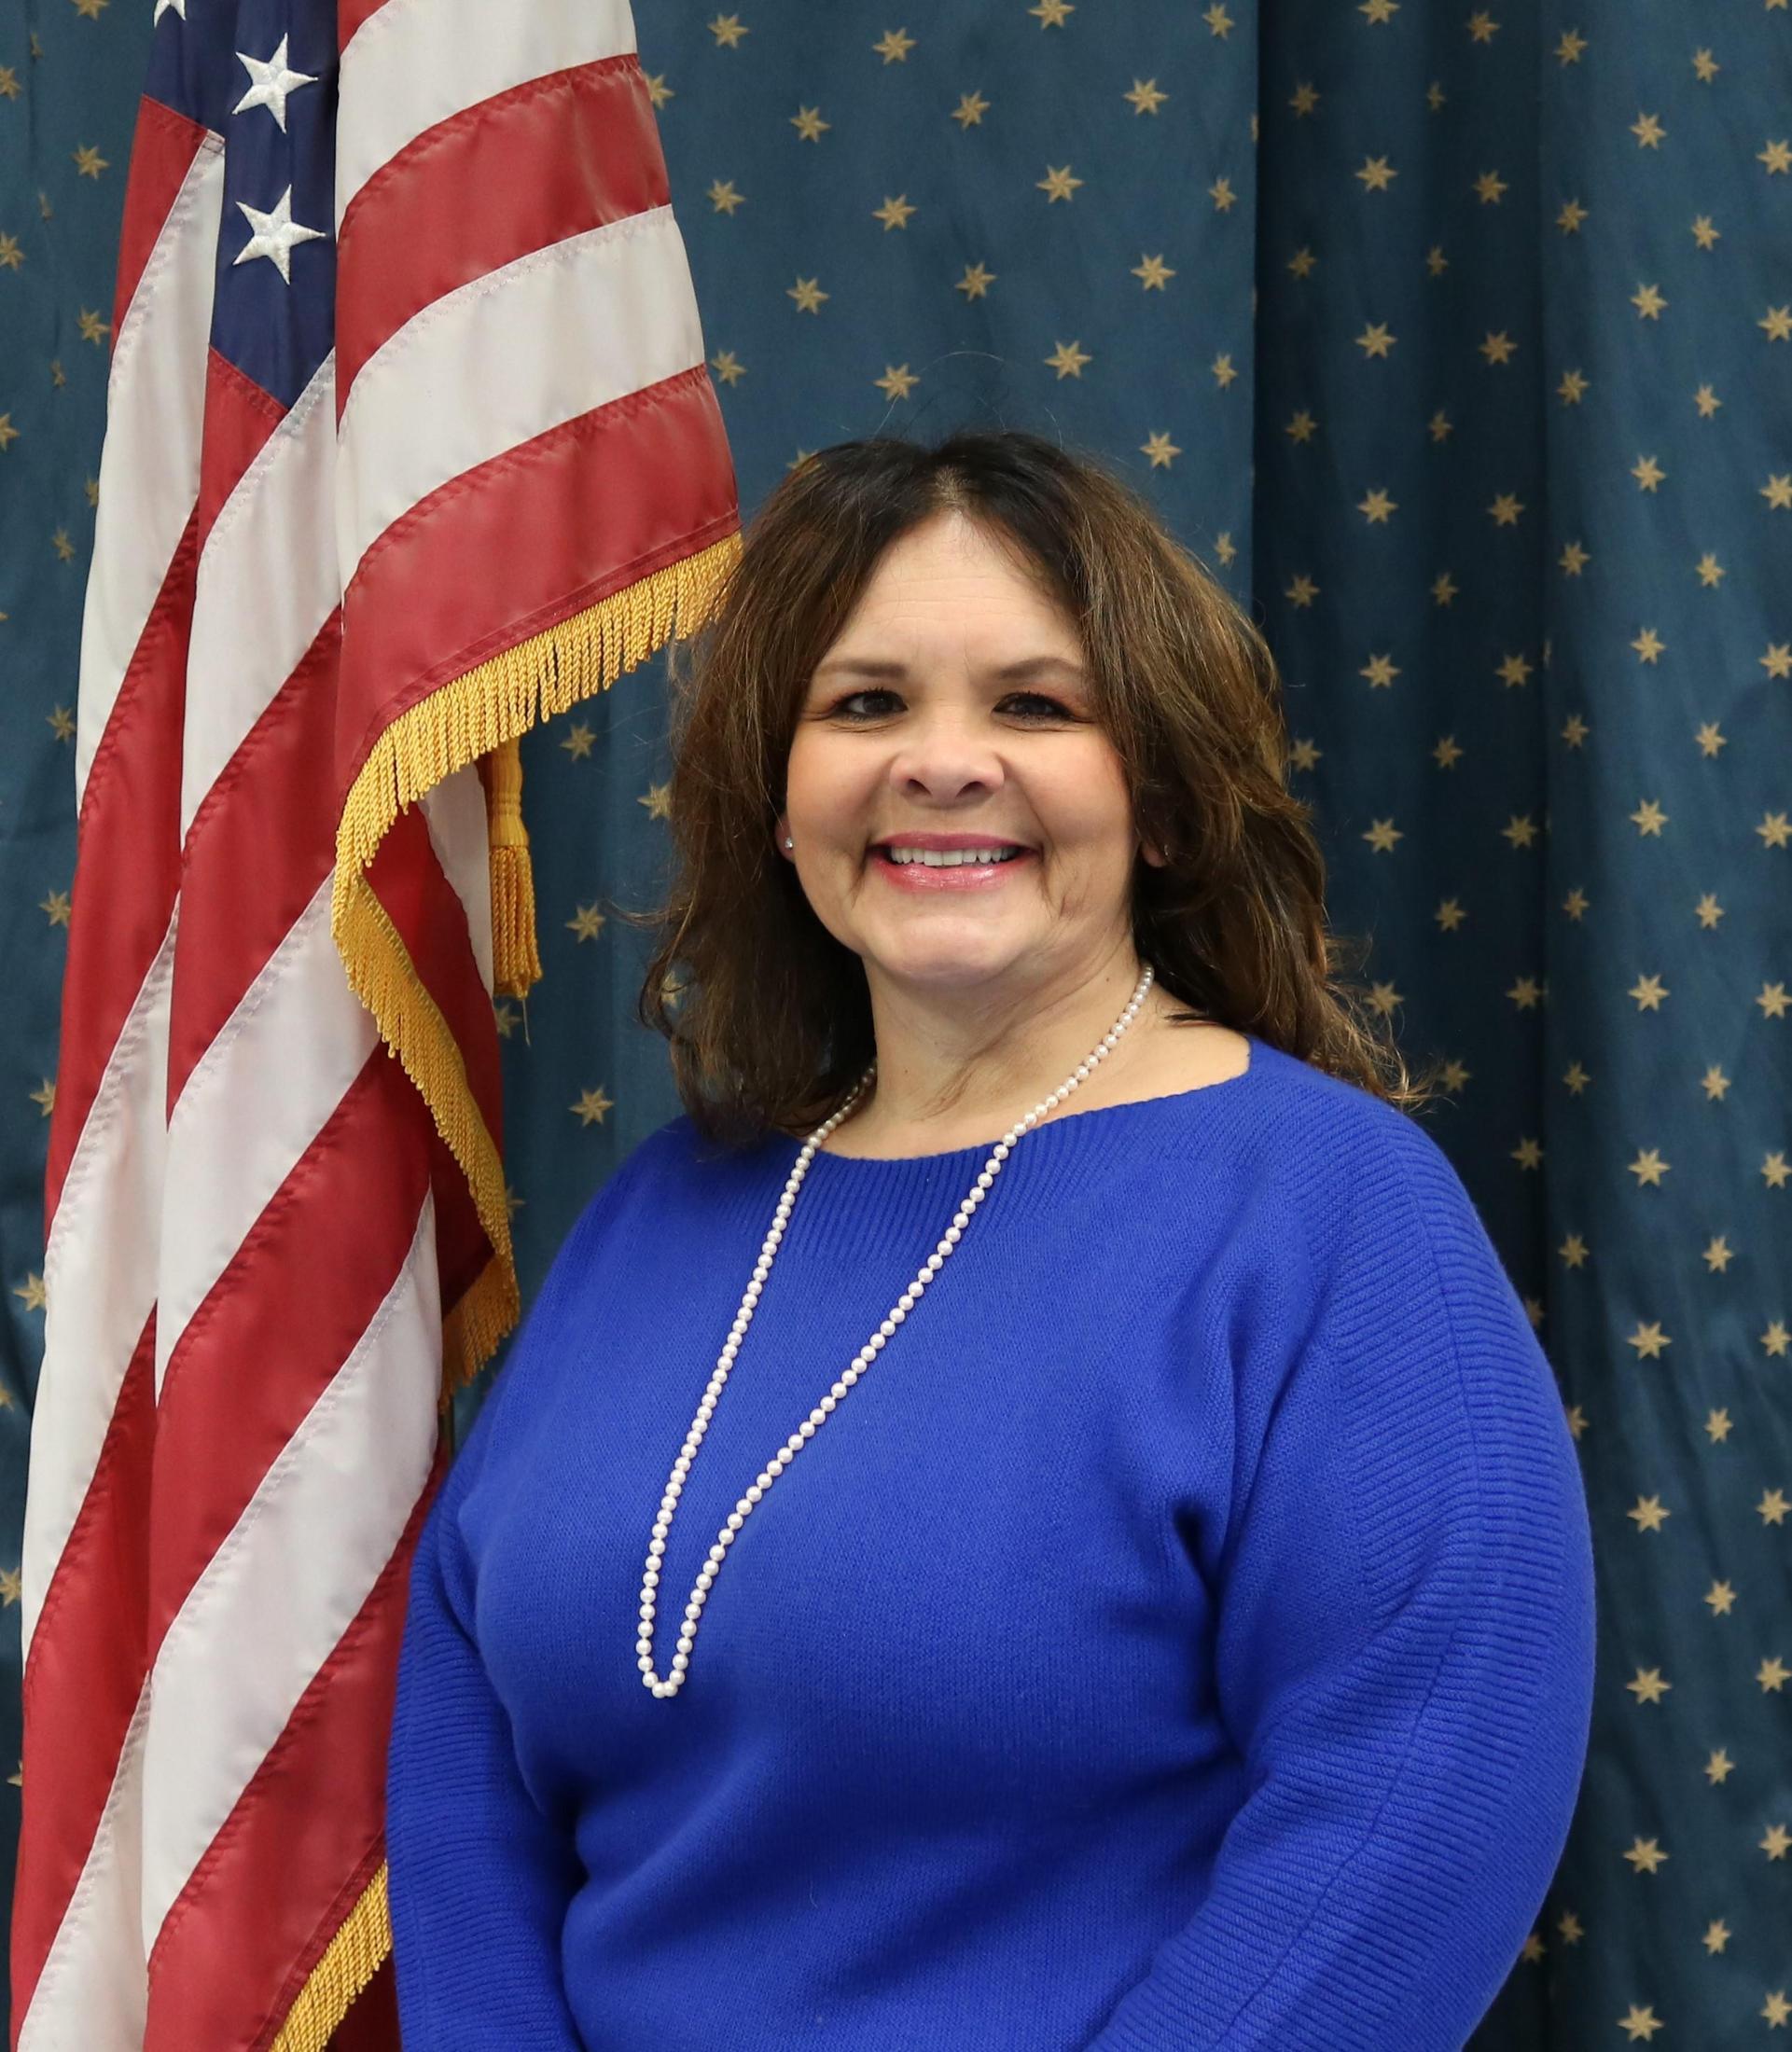 Mrs. Maria Lorenzetti-Davis, Board Member